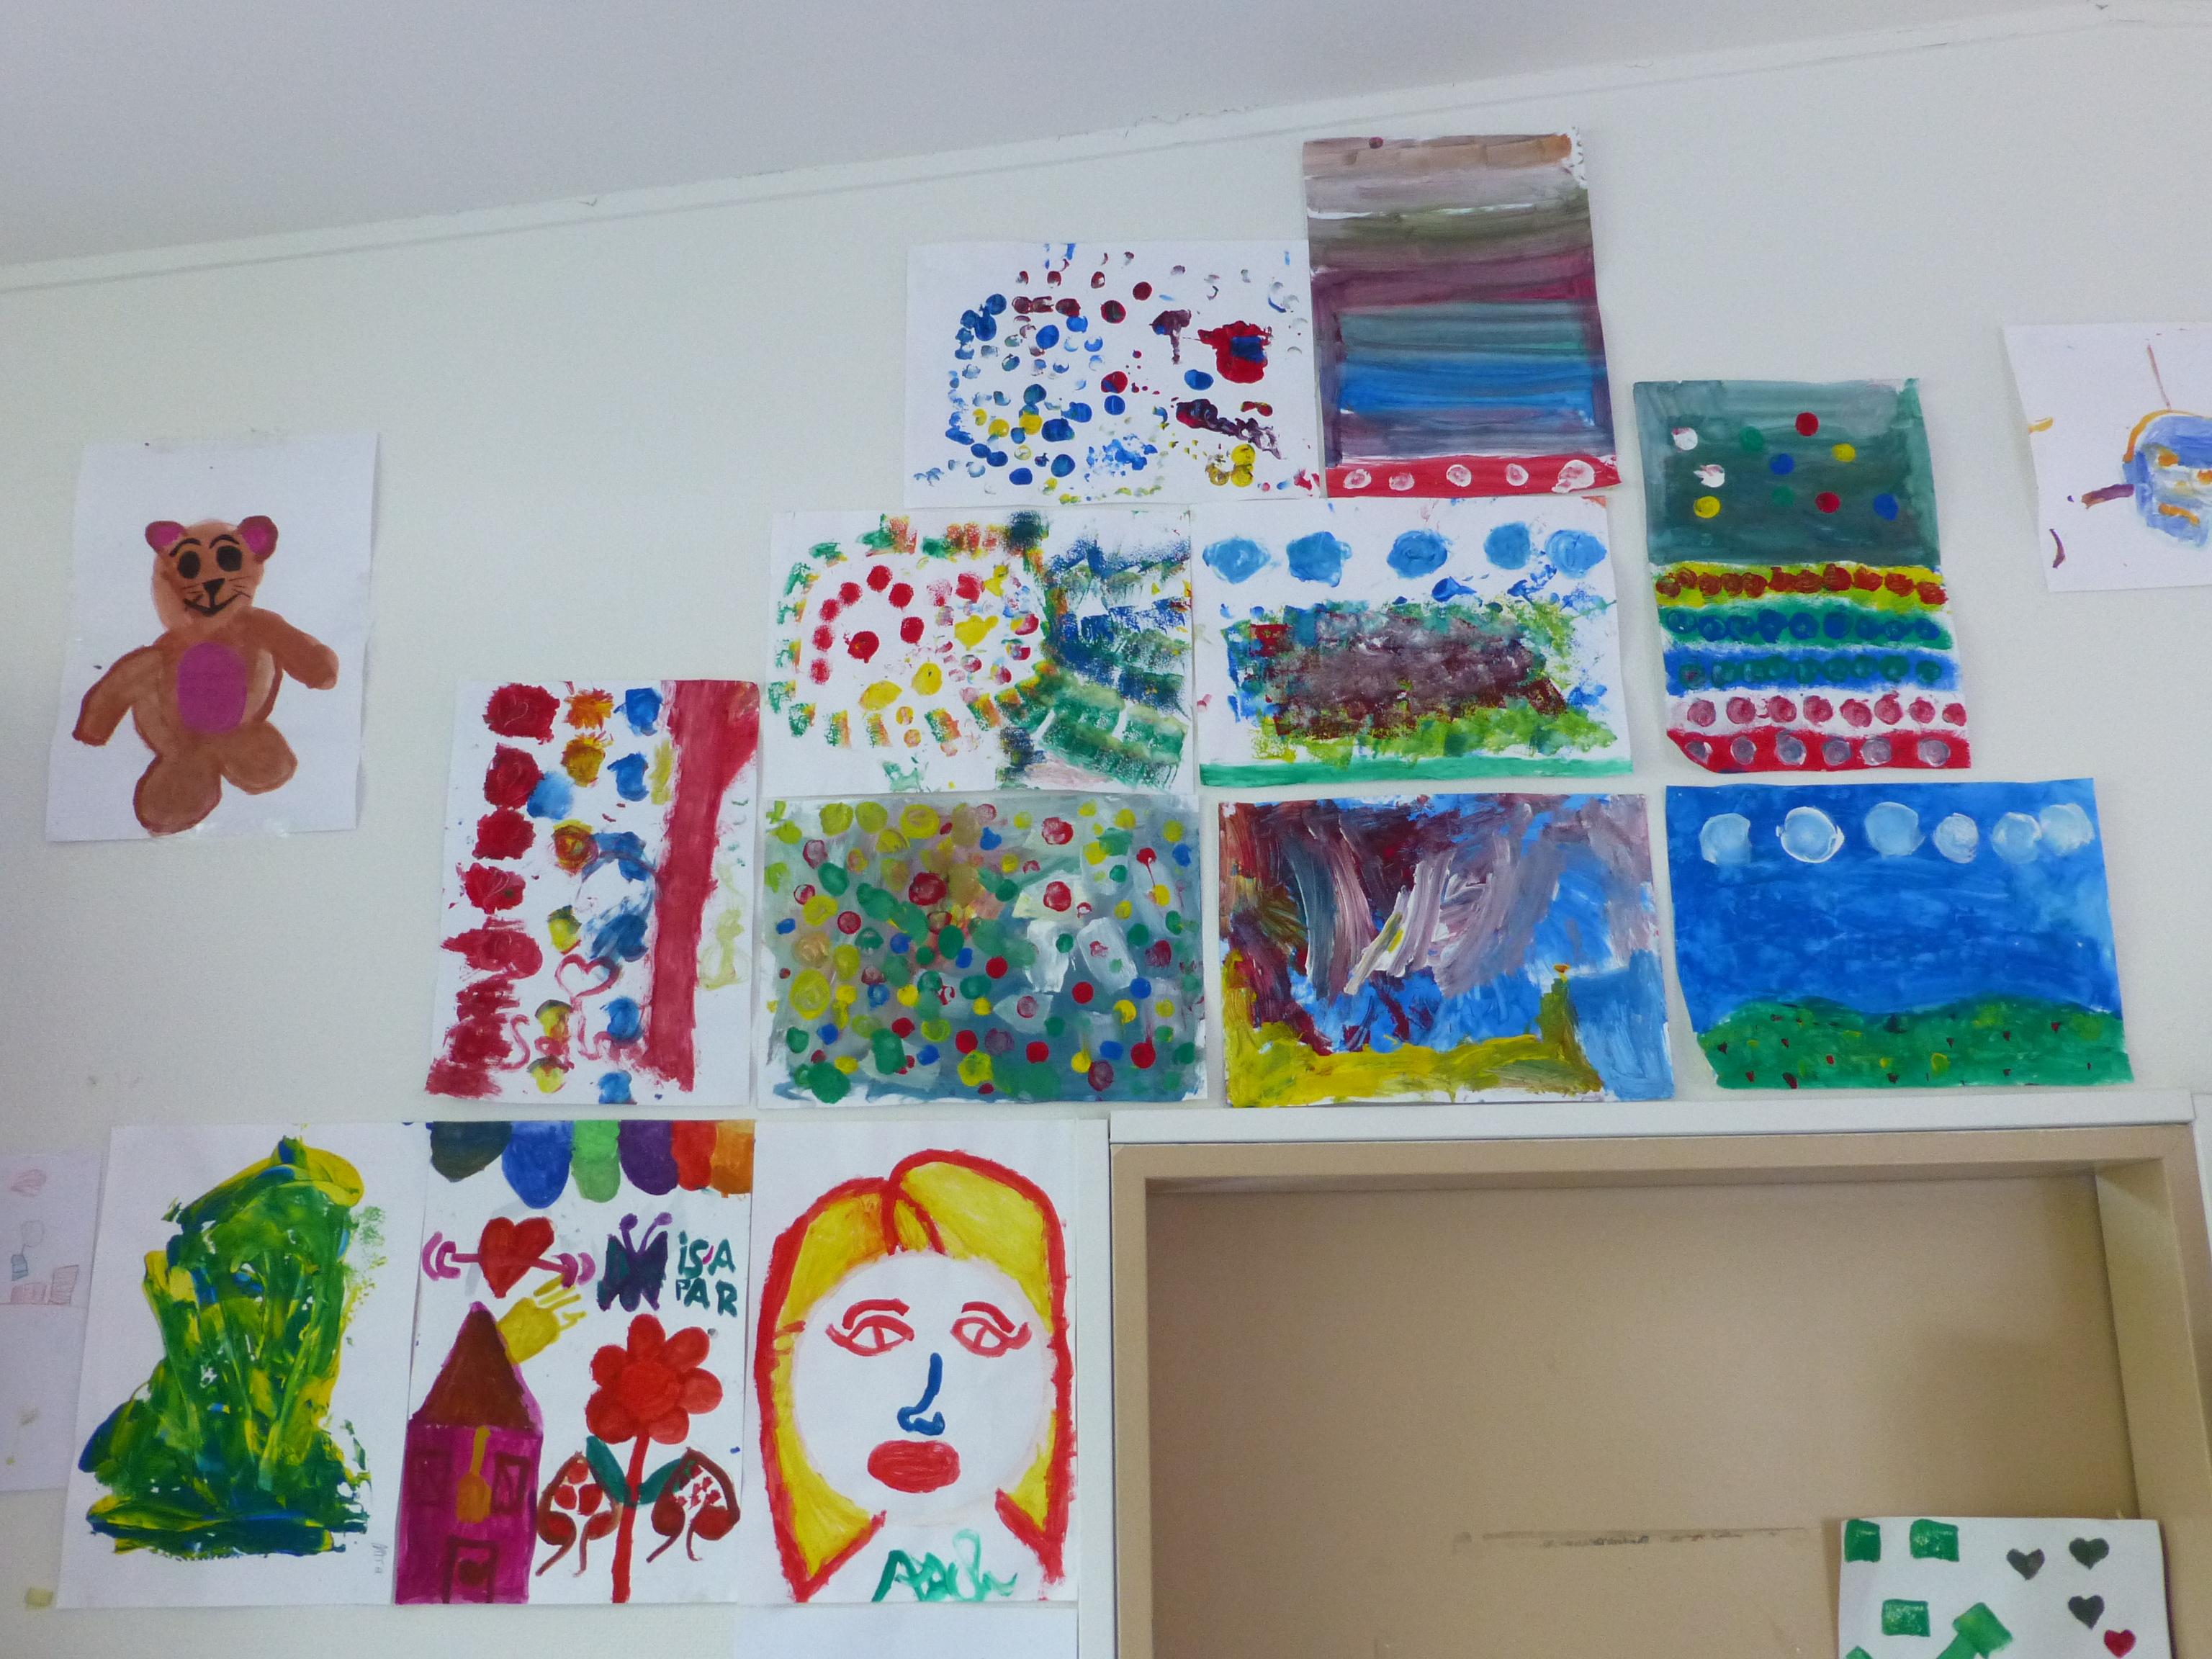 Kunstprojekt für geflüchtete Kinder Wirtschaftsjunioren Hamburg bei der Handelskammer -3